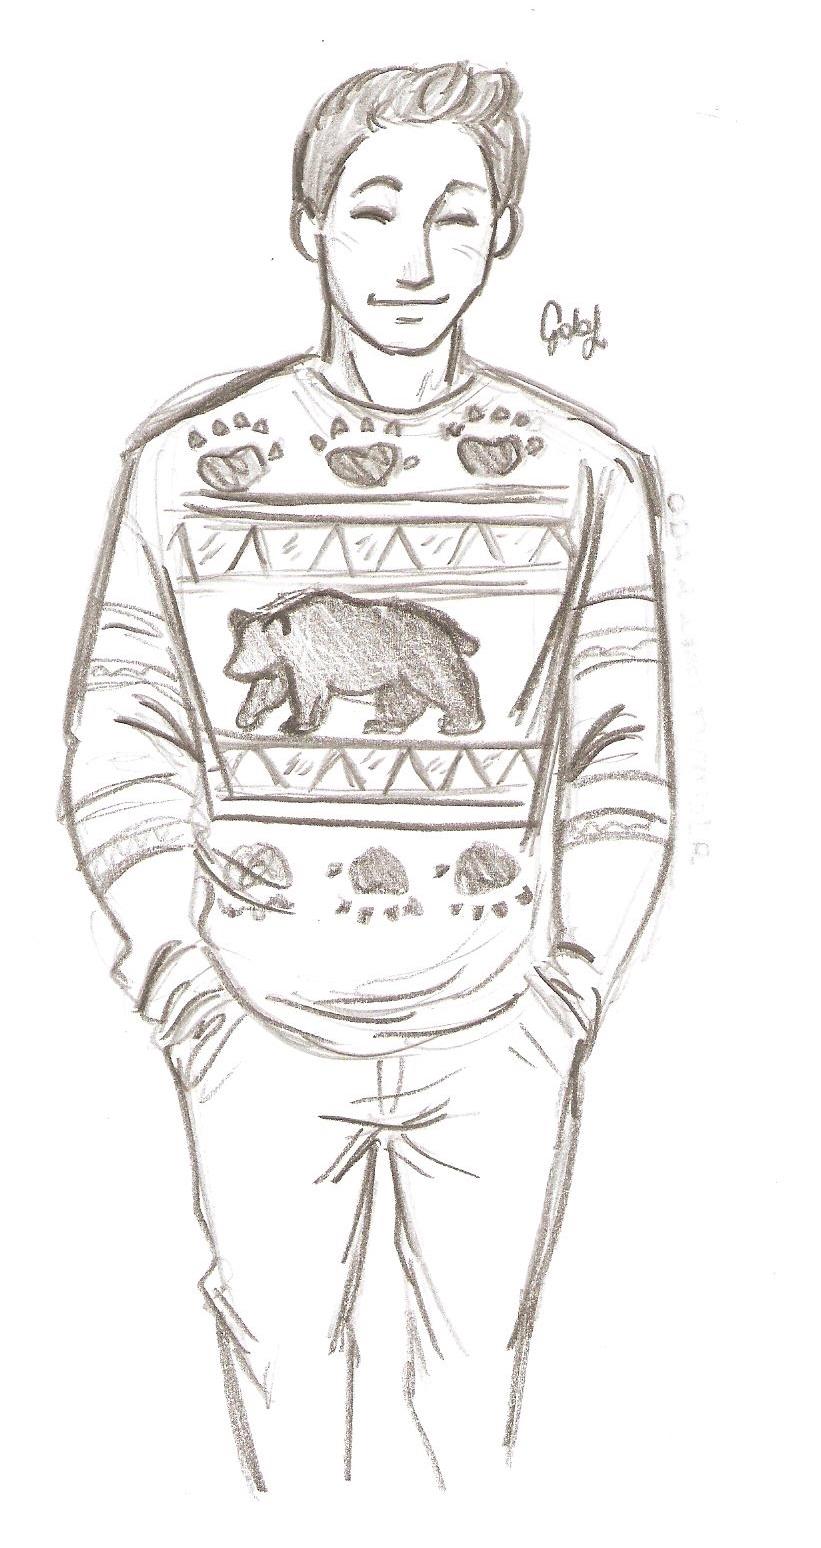 PJ Boys in sweaters by whenpopsucks